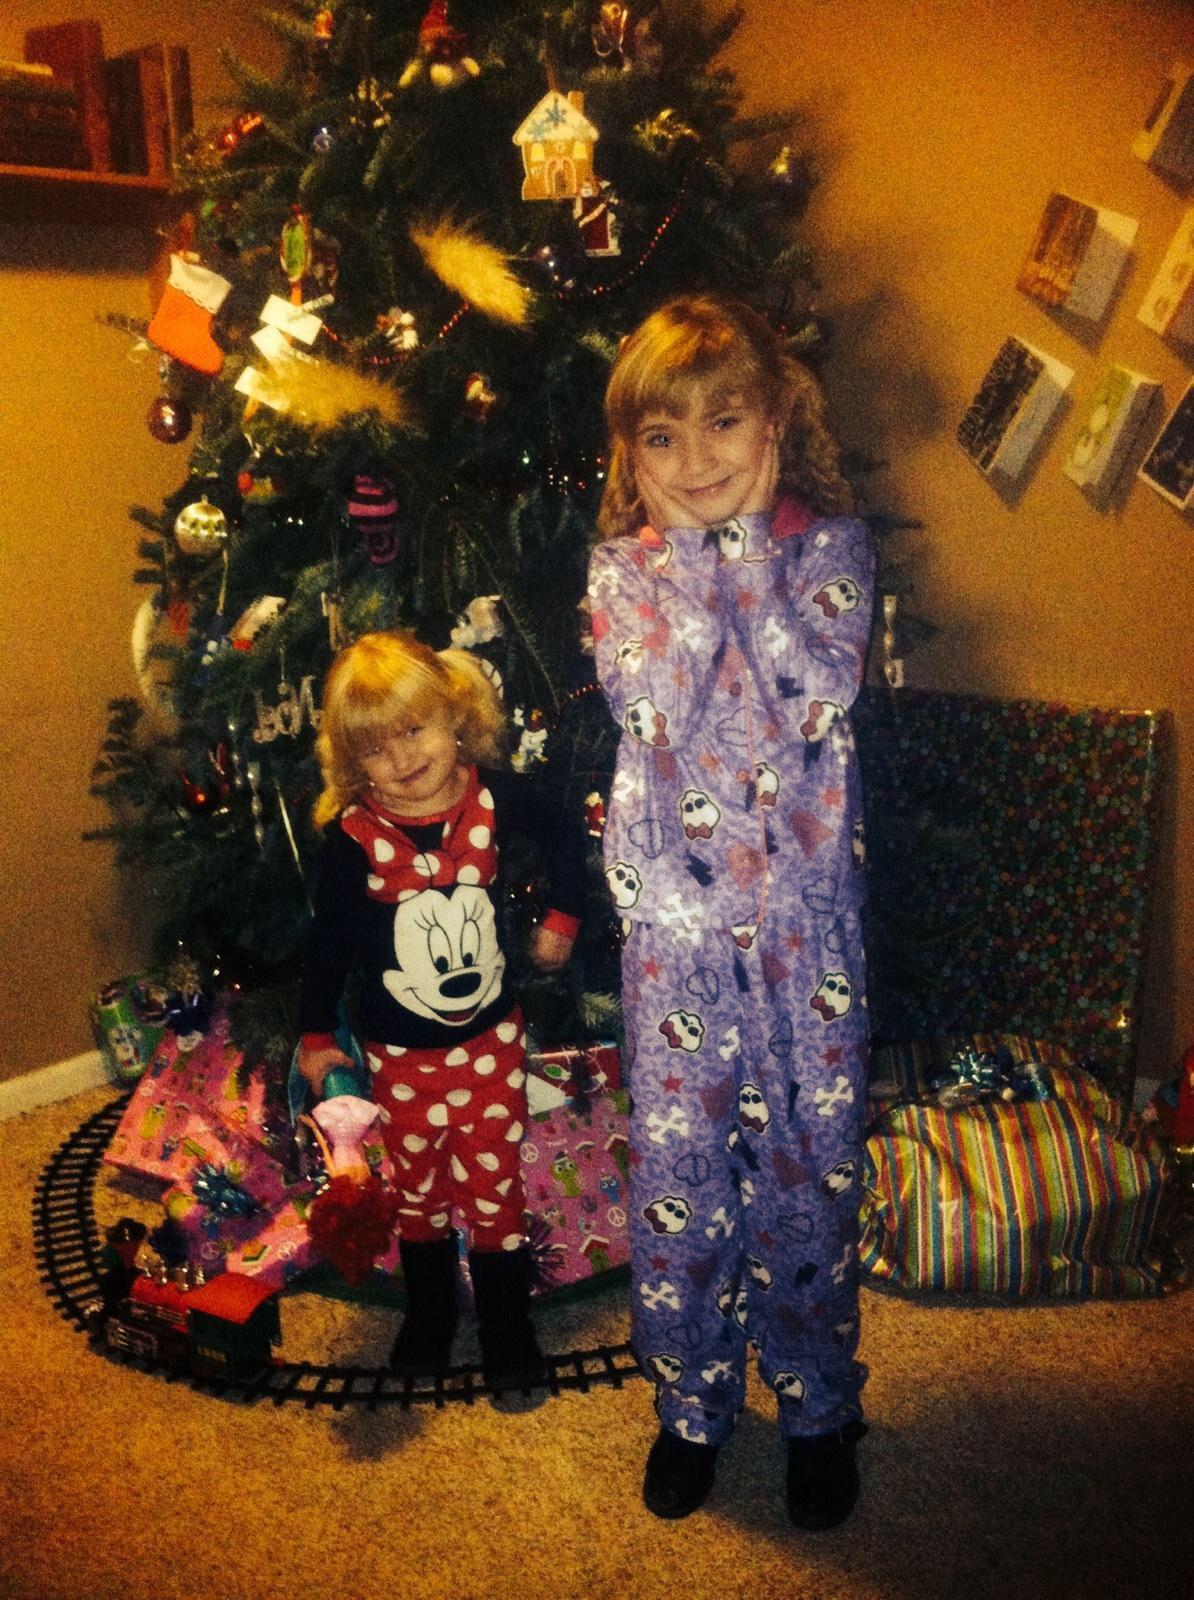 My kids Christmas pj's